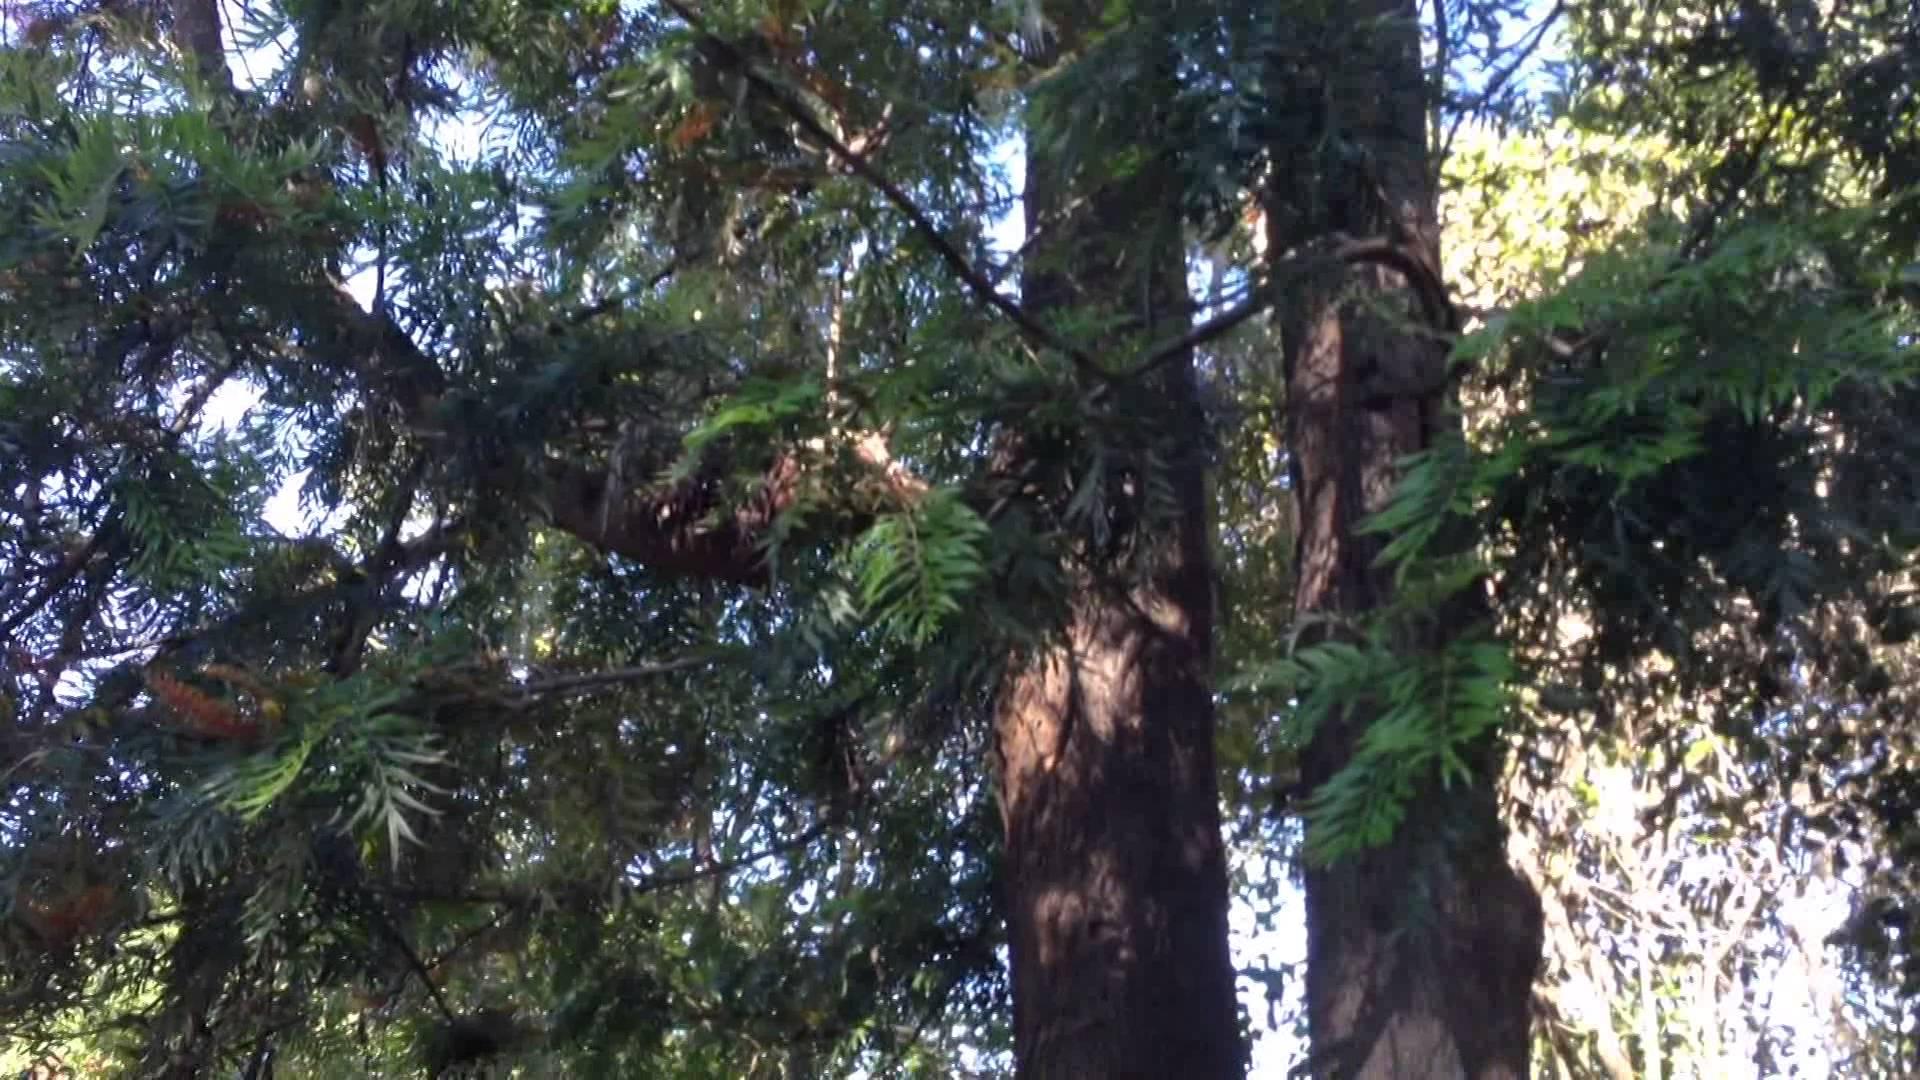 Rboles de sombra de r pido crecimiento - Arce arbol variedades ...